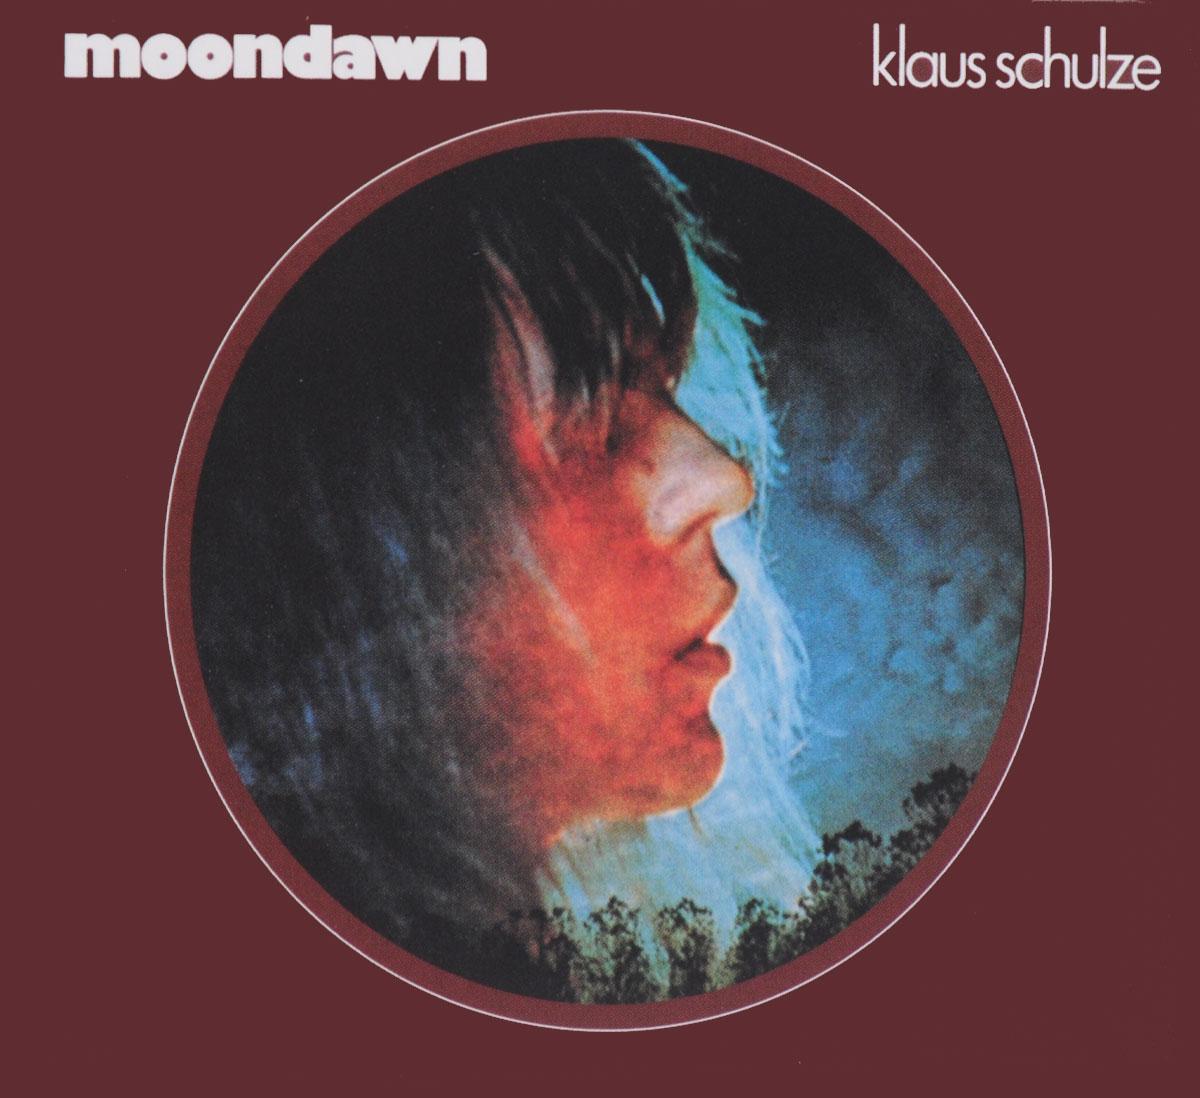 Klaus Schulze. Moondawn